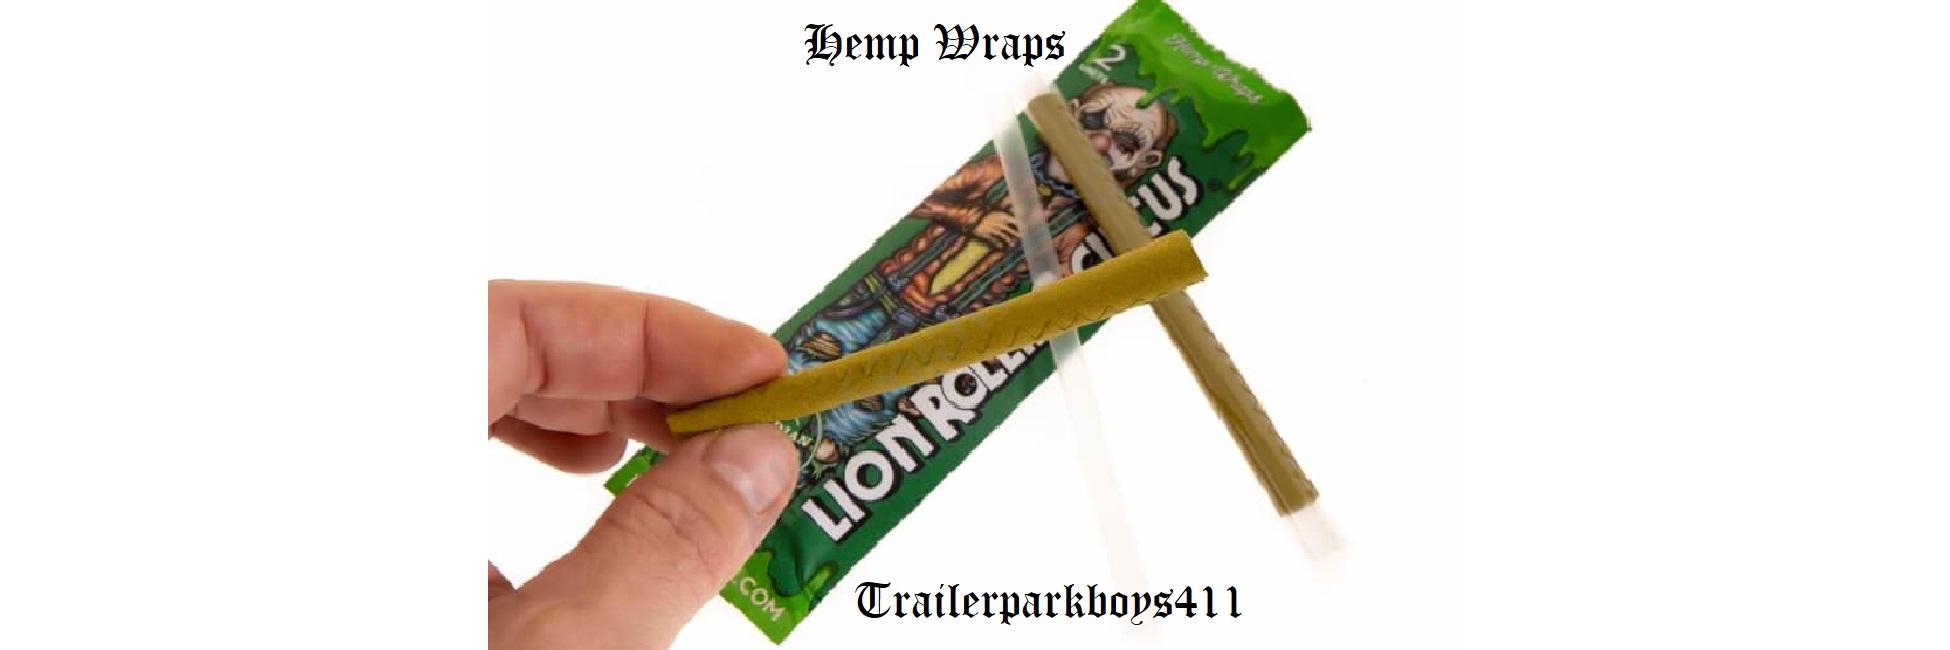 hemp wraps